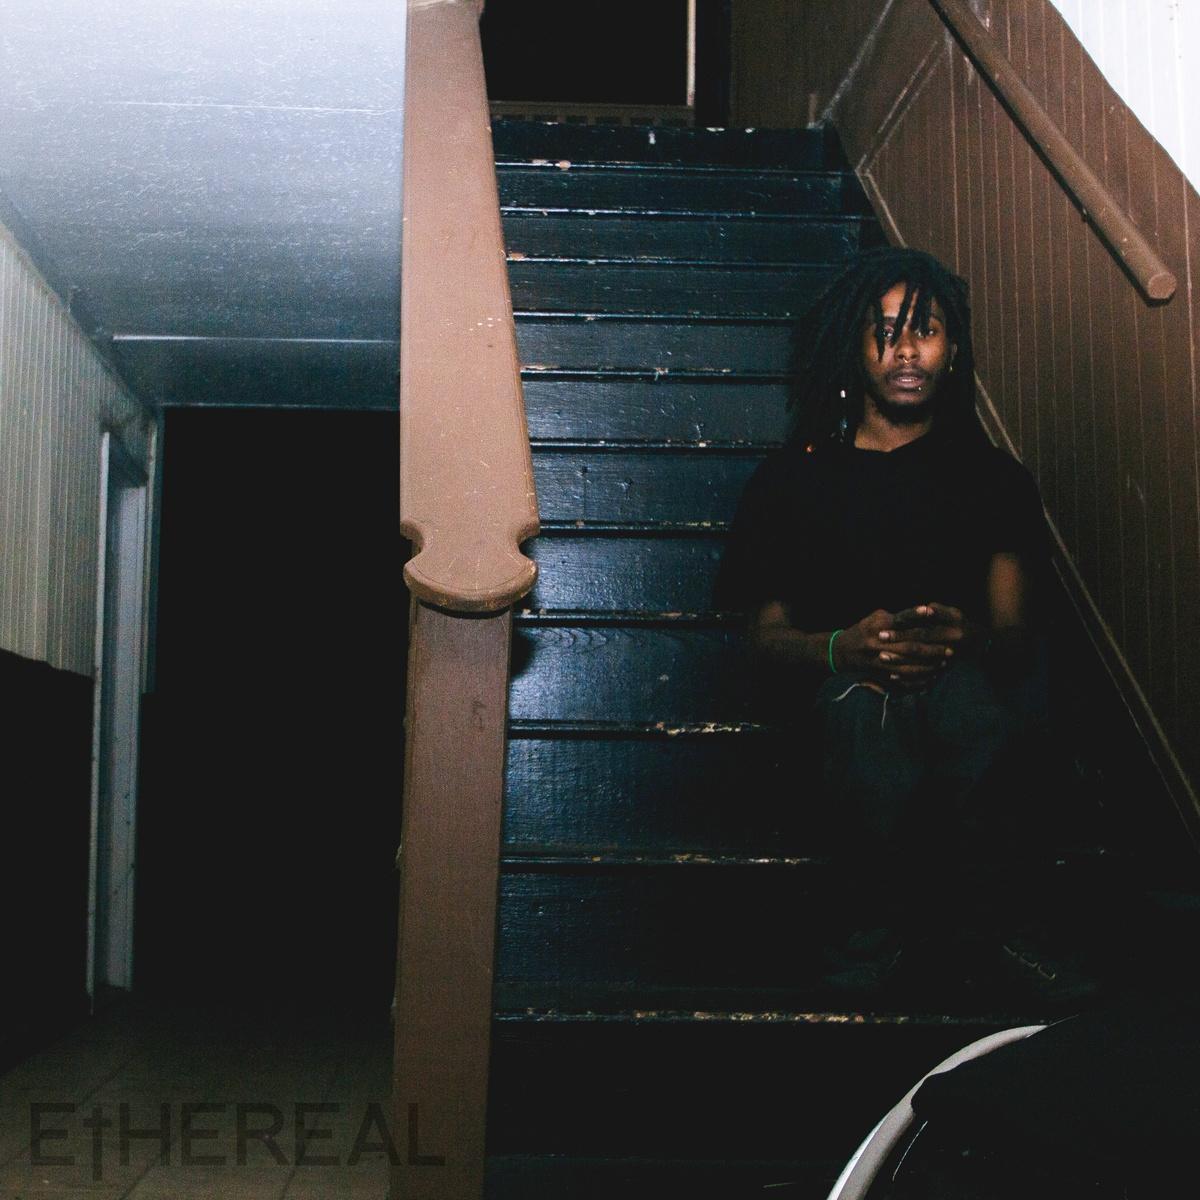 ETHEREAL - E